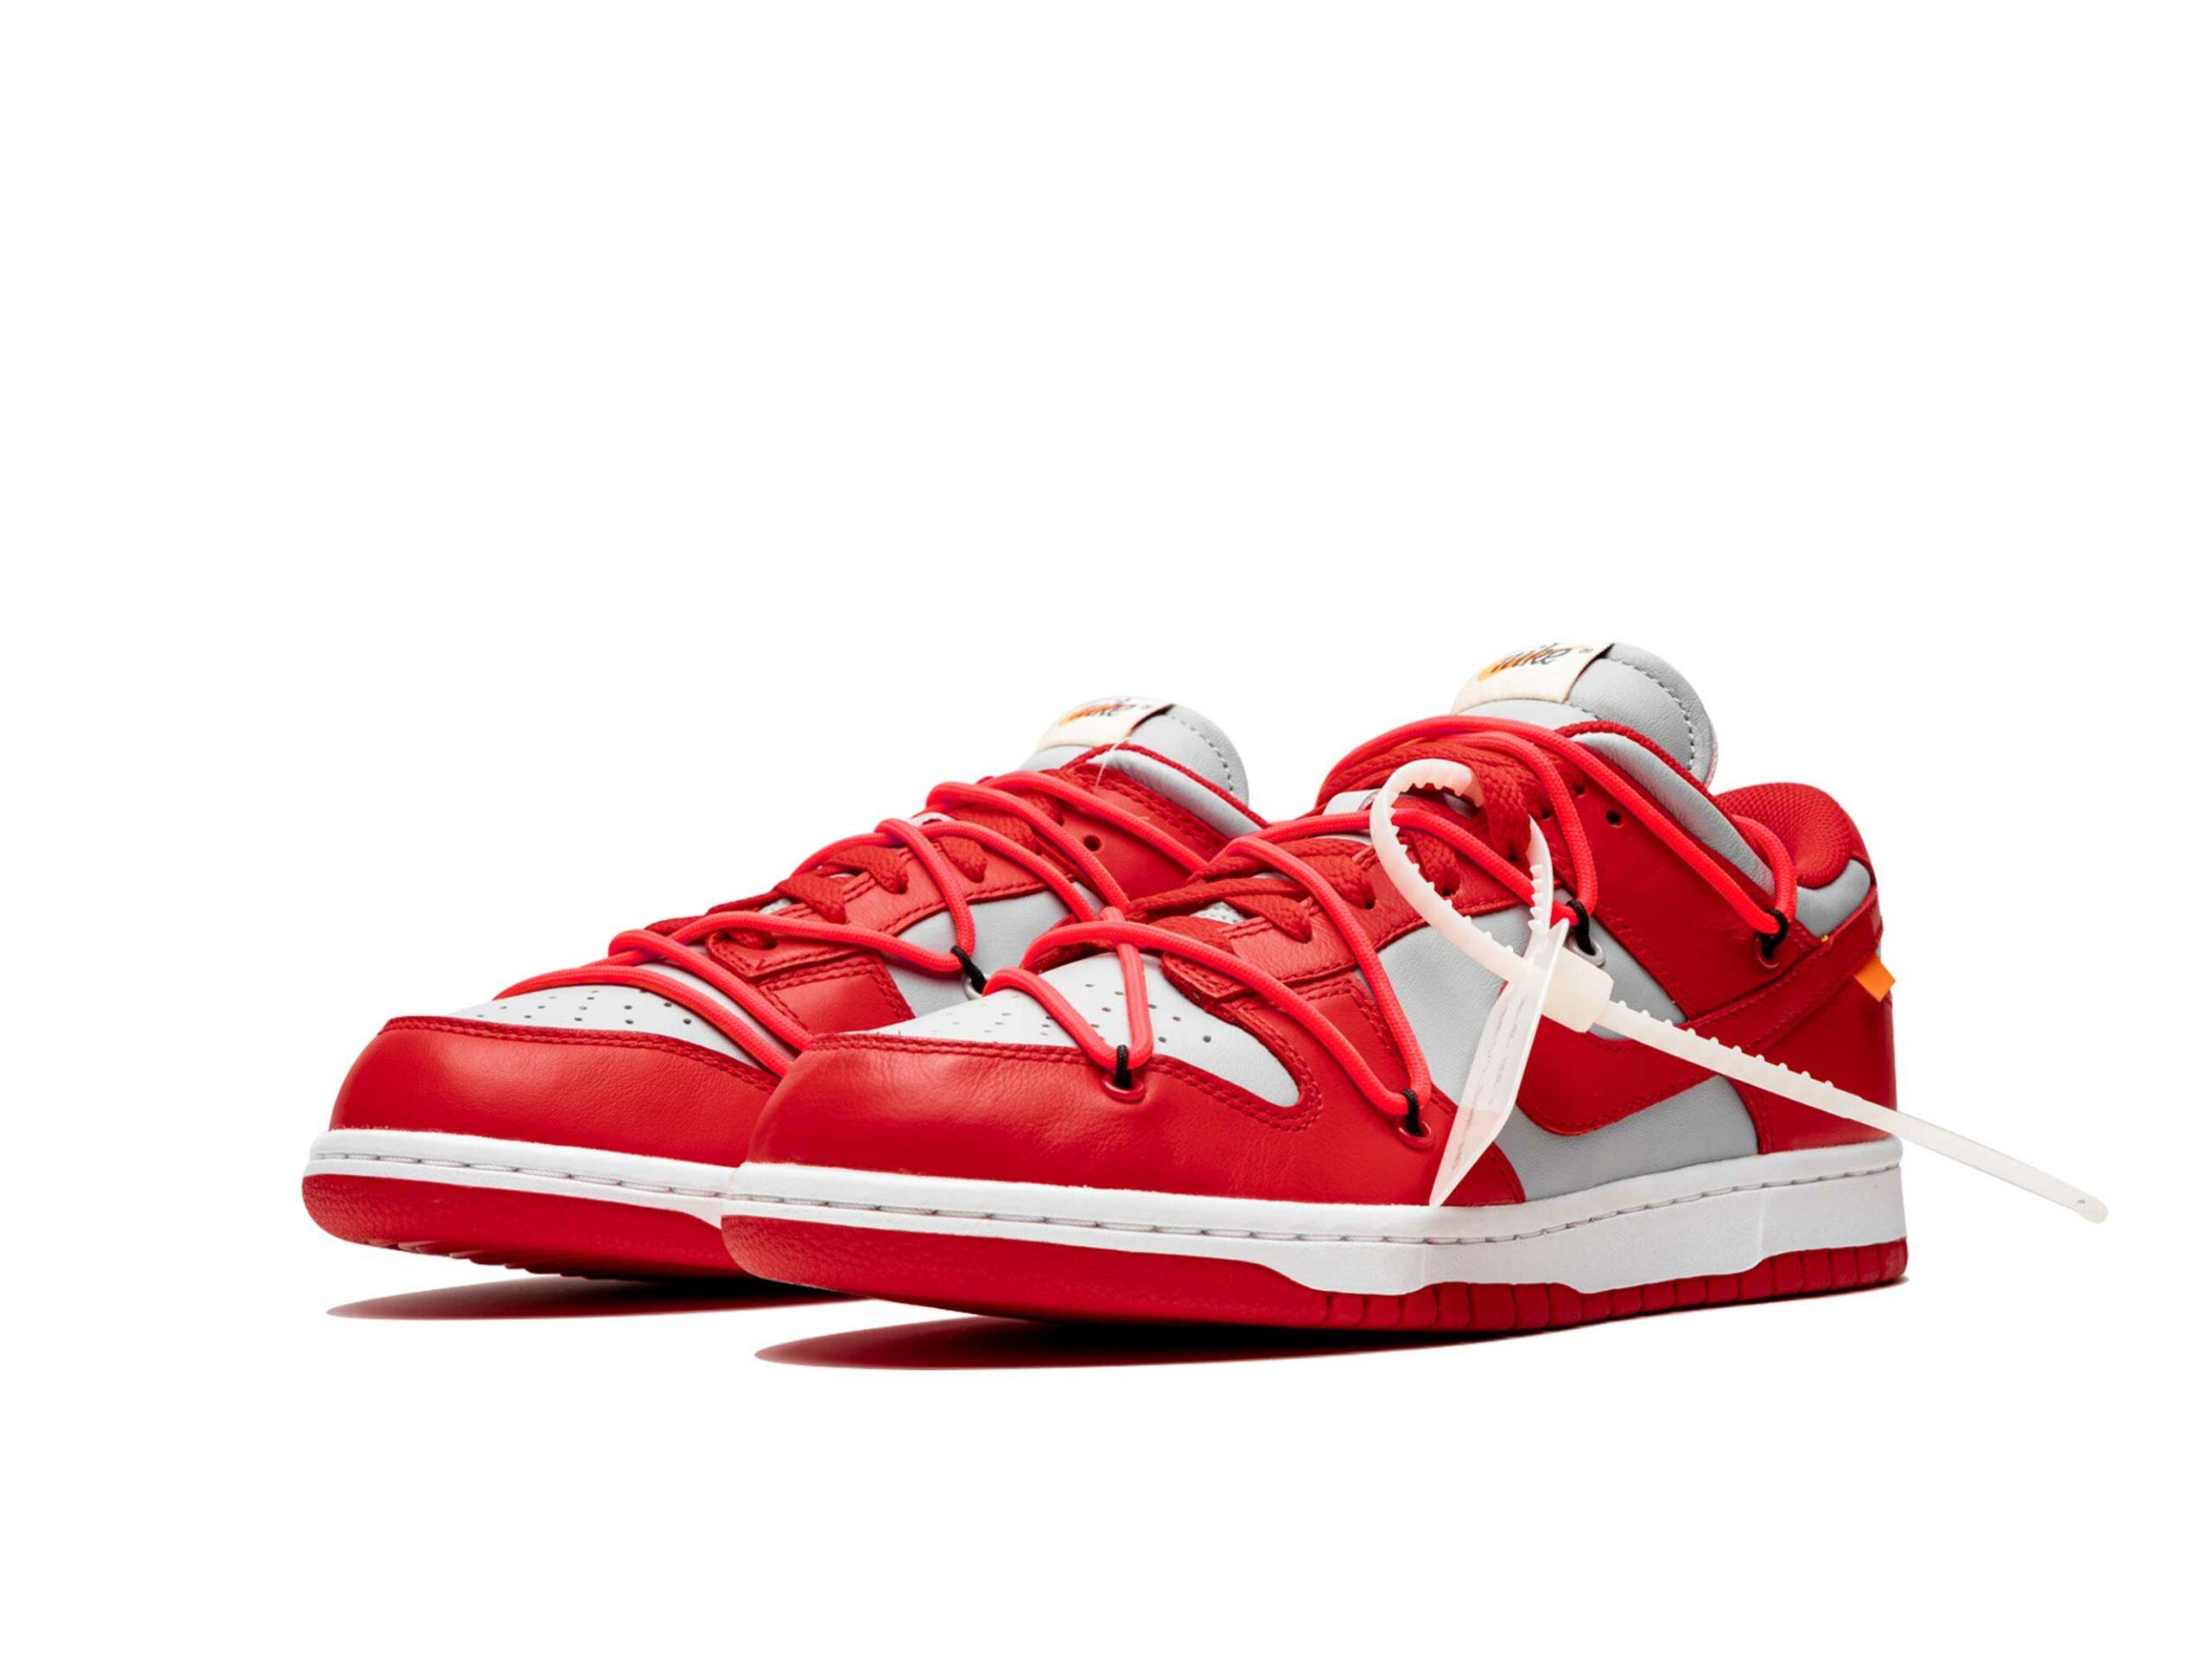 nike dunk low off-white - university red CT0856_600 купить